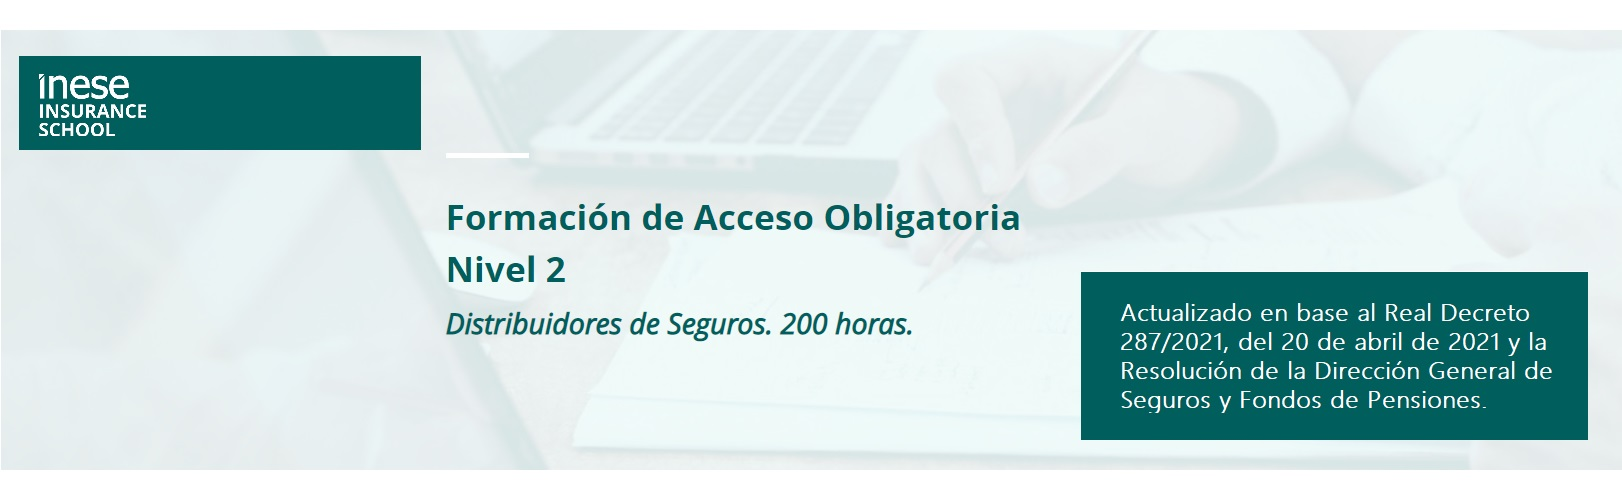 Formación de acceso obligatoria